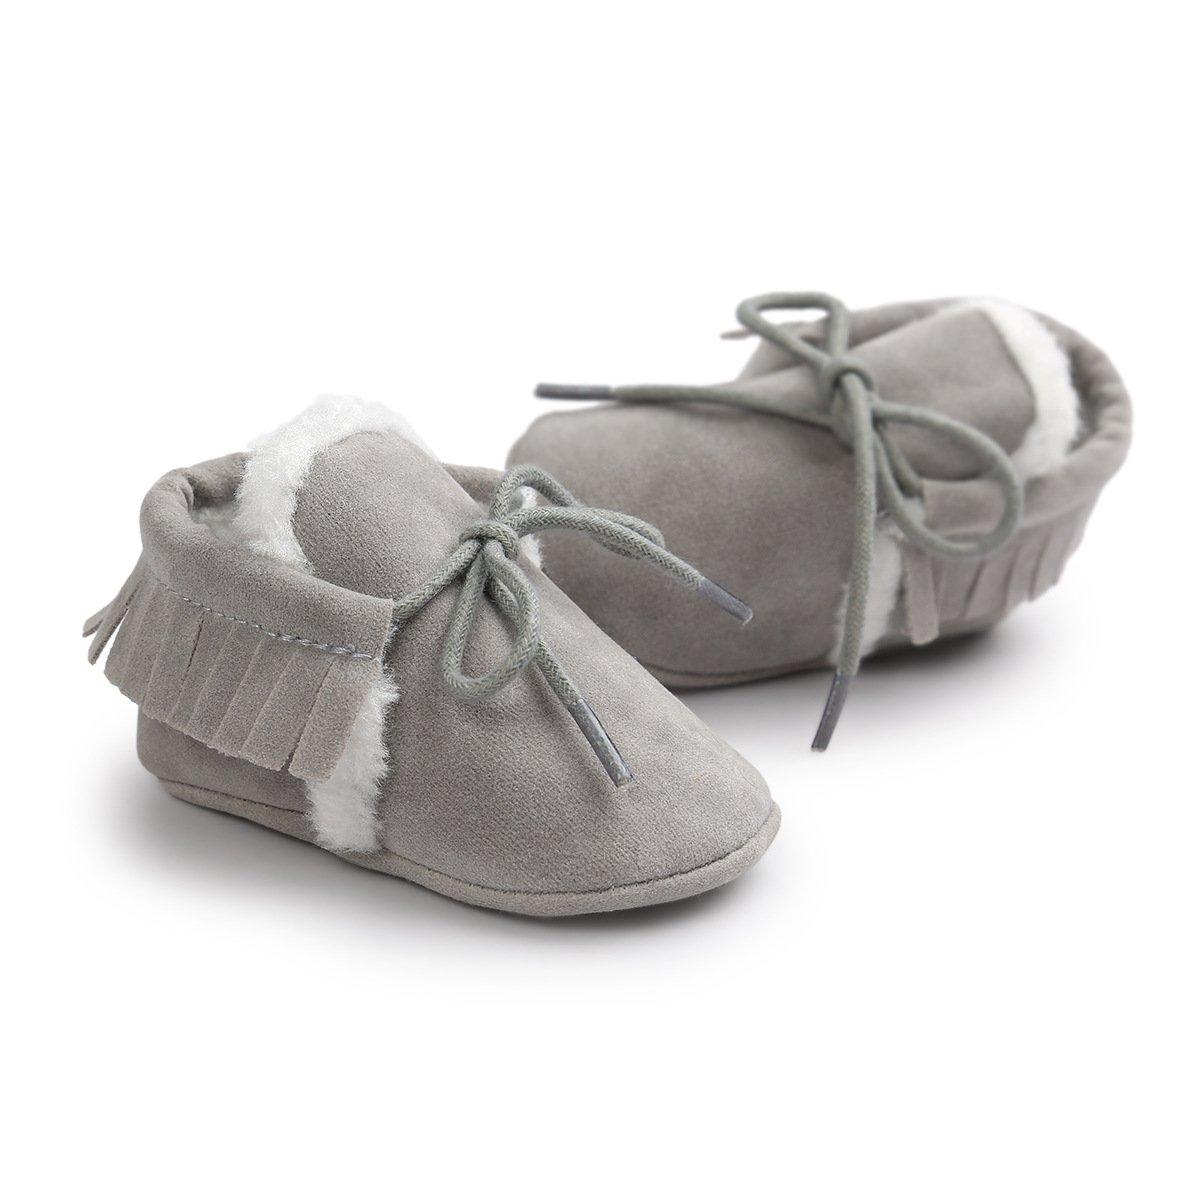 Scrub Botines de Bebe Invierno Tukistore Botines con Flecos Suave Suela Botas de Nieve ni/ñas Ni/ños Primeros Pasos Zapatos Calientes Prewalker de Suela Blanda Zapatillas Antideslizantes